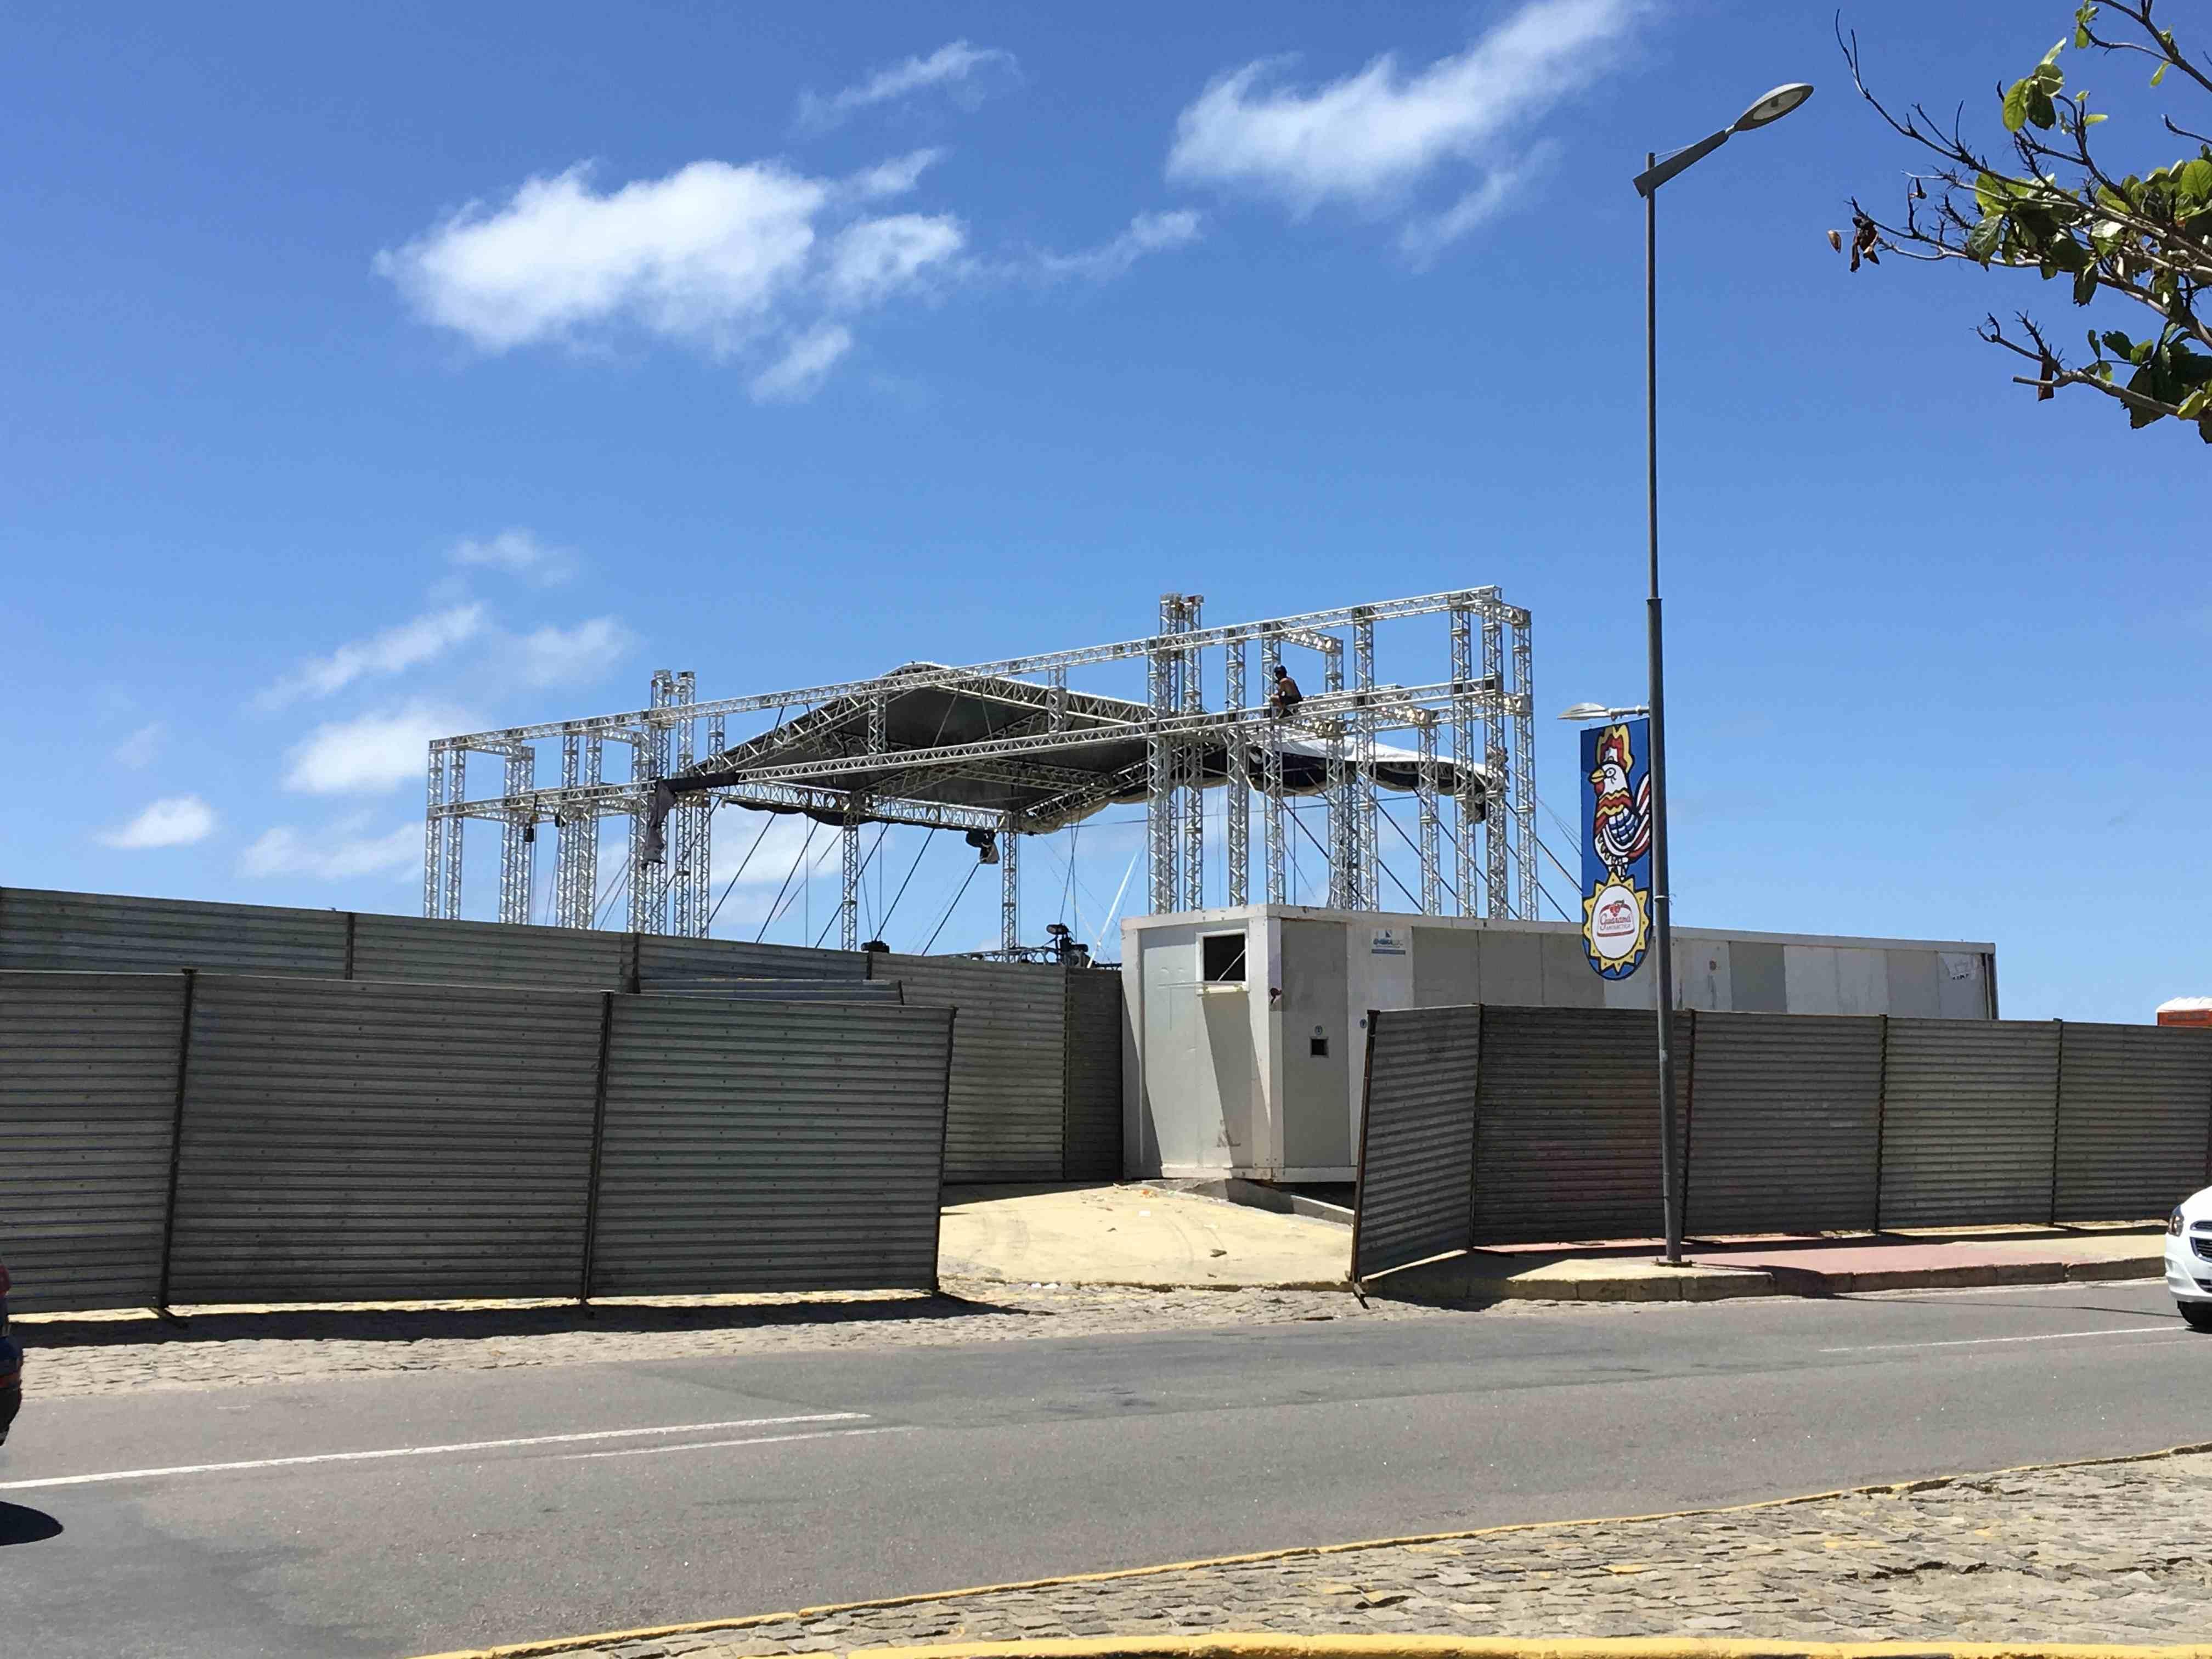 Camarote Parador, ao lado do Armazém 14, na área do Porto do Recife